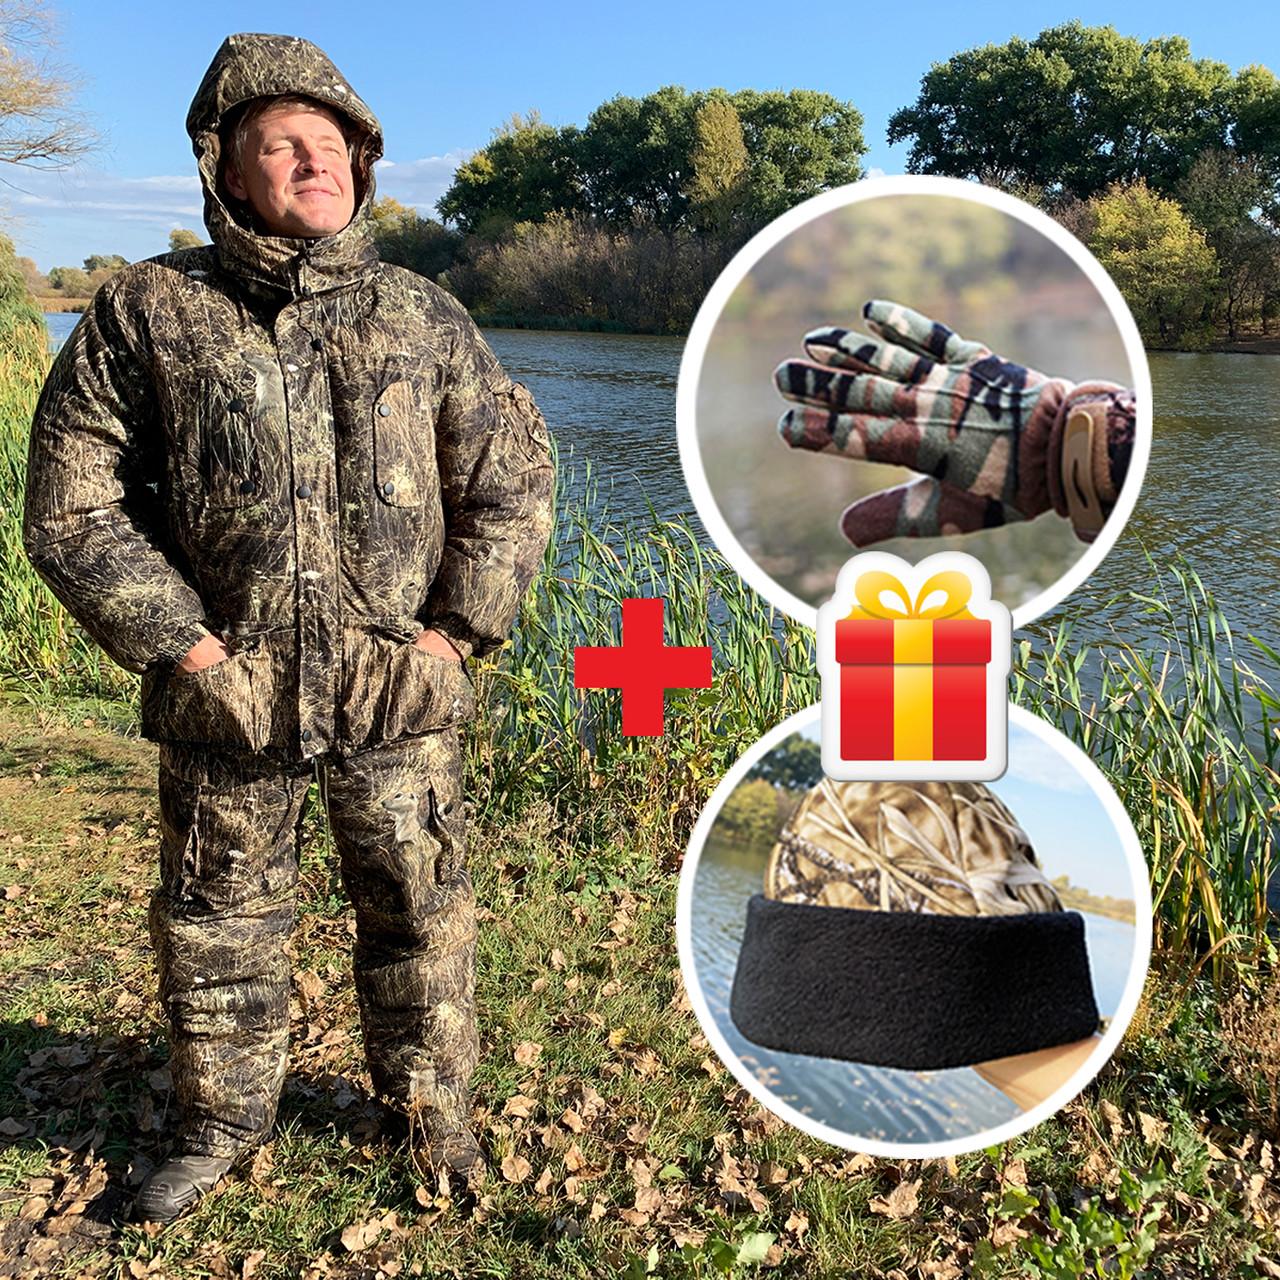 """Зимовий костюм до -40° """"Mavens Зубр"""" Очерет дикий, для риболовлі, полювання, роботи в холоді, розмір 48-50 (031-0022)"""